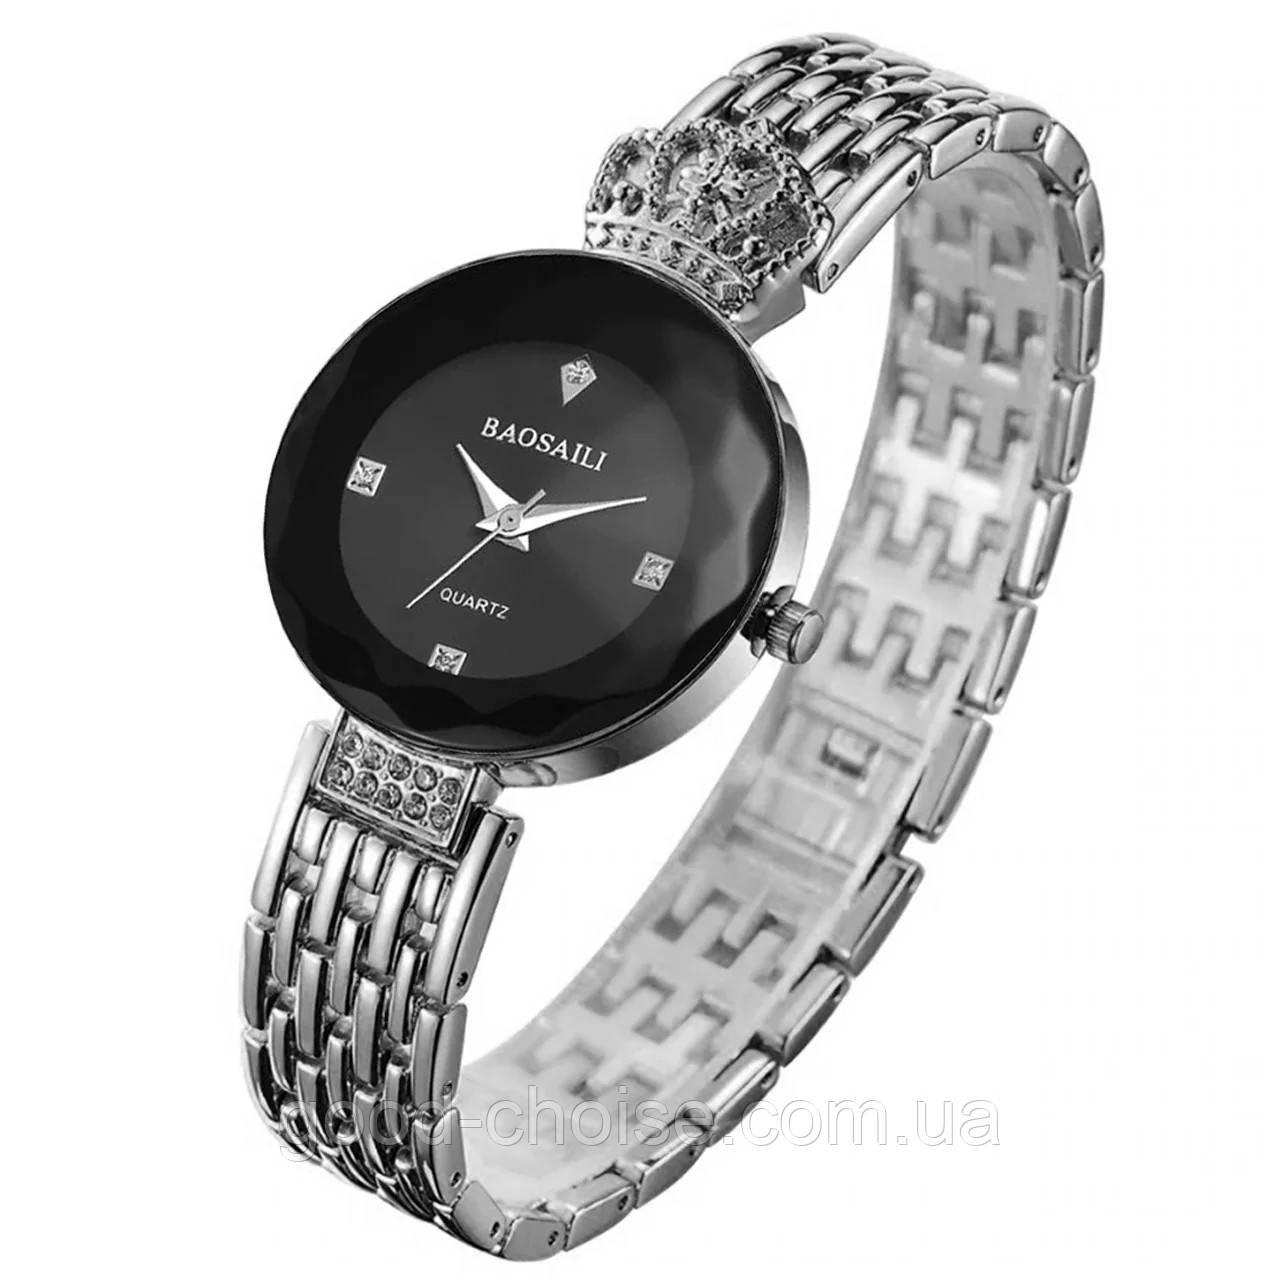 Женские часы Baosaili, Наручные часы, серебряные